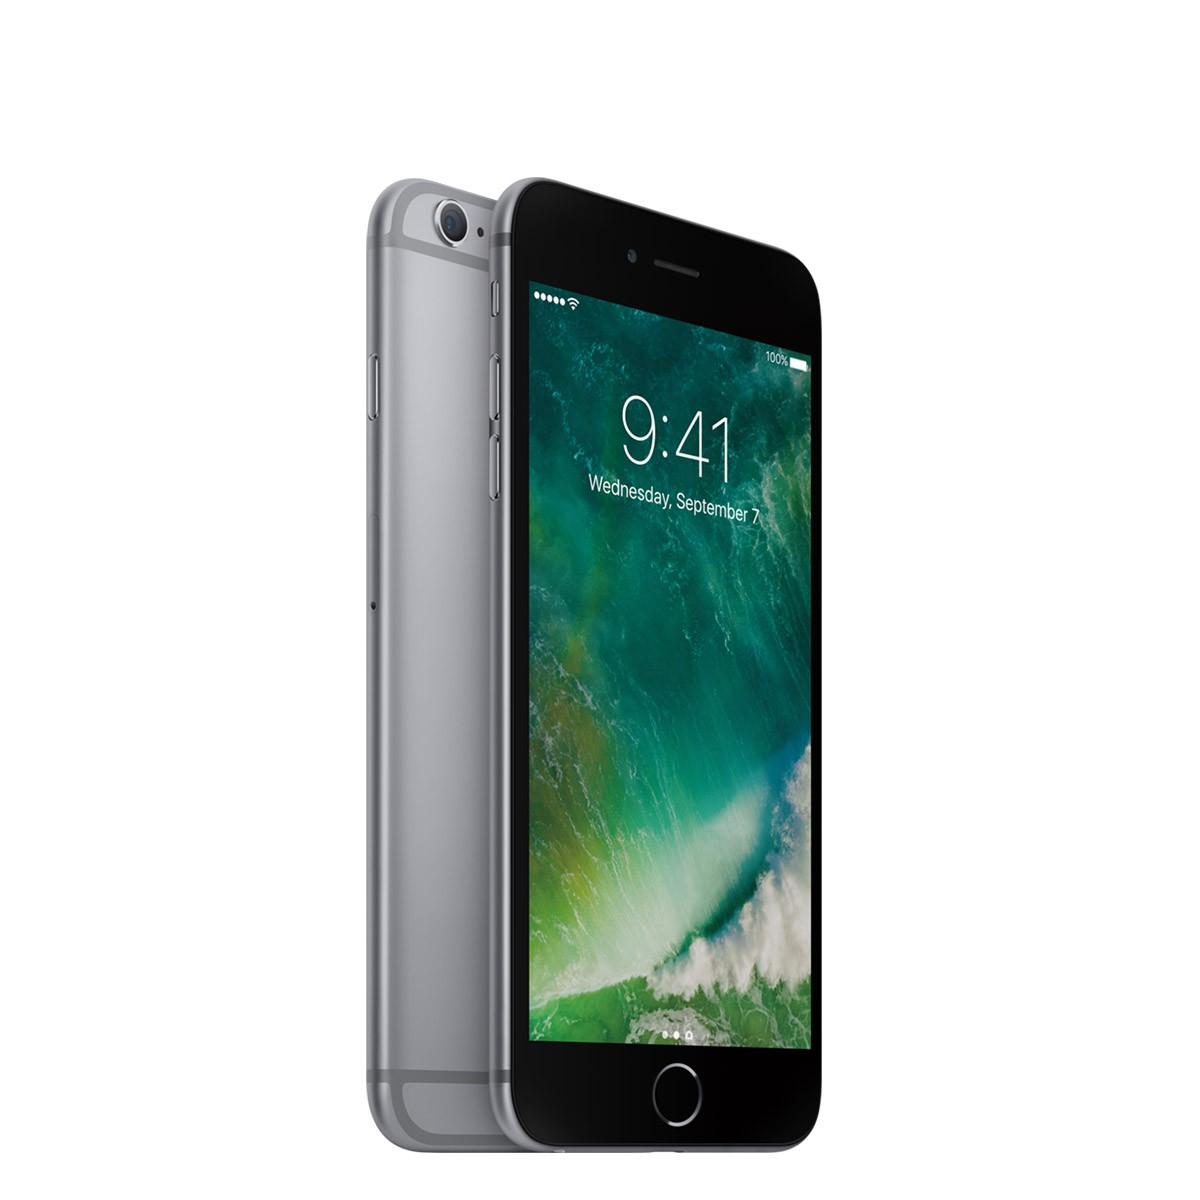 Apple iPhone 6 32GB - vesmírně šedý (servisovaný, nepoužitý, záruka a odpovědnost z vad 12 měsíců)